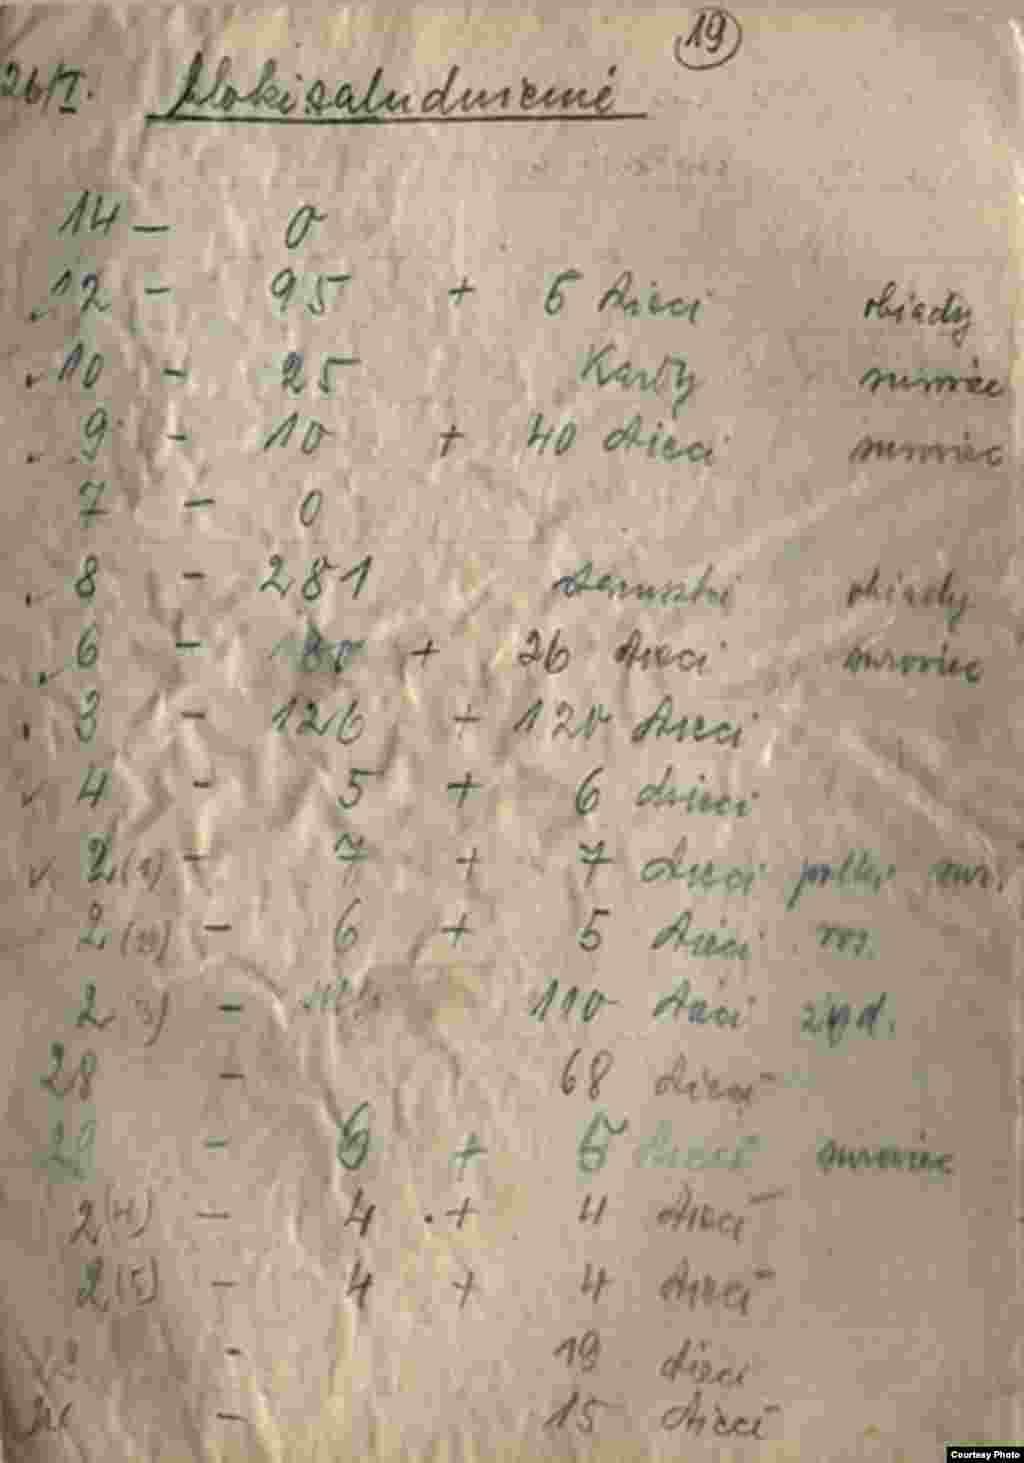 فهرست به جا مانده از اردوگاهها که بر رویش نام قربانیان دیده می شود